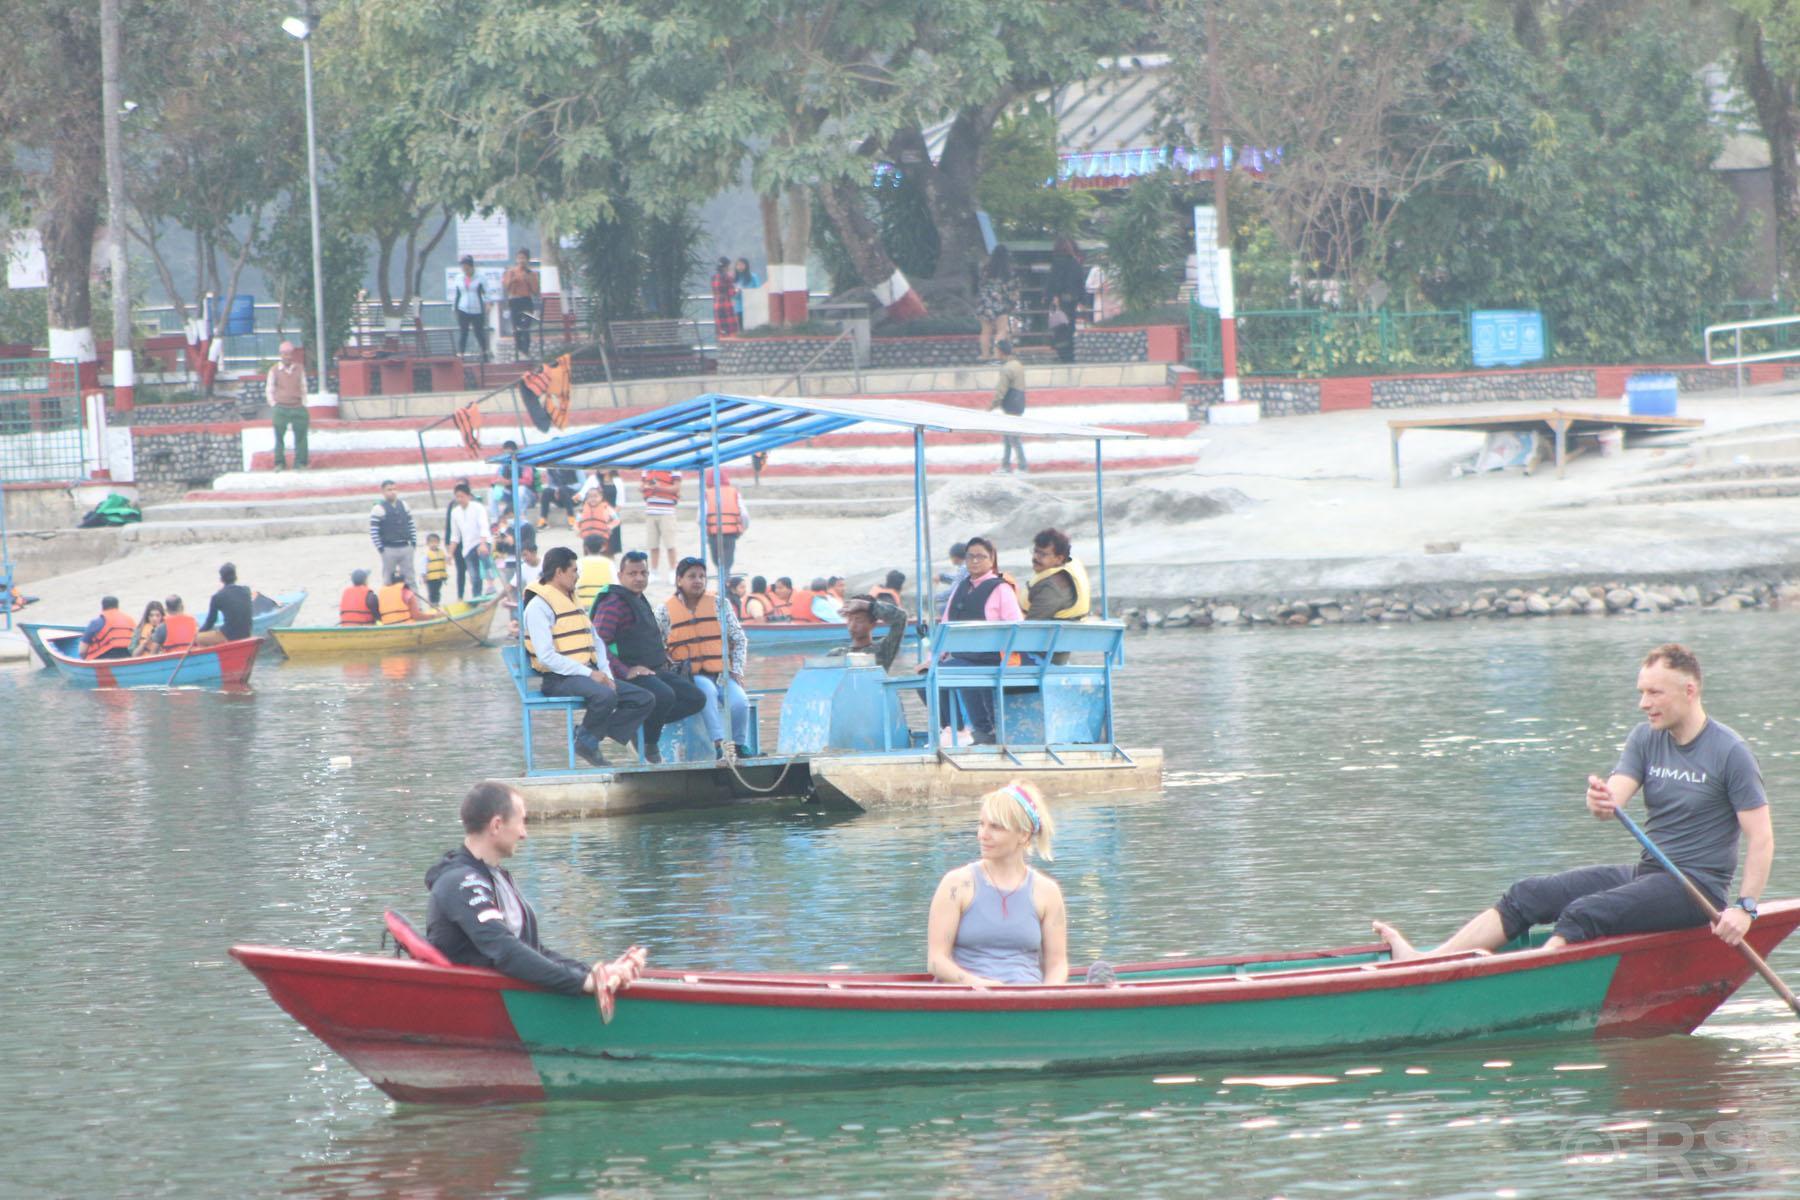 gata-mahana-karab-hajara-anatararashhataraya-parayatakahara-napal-paravasha-319321.jpg